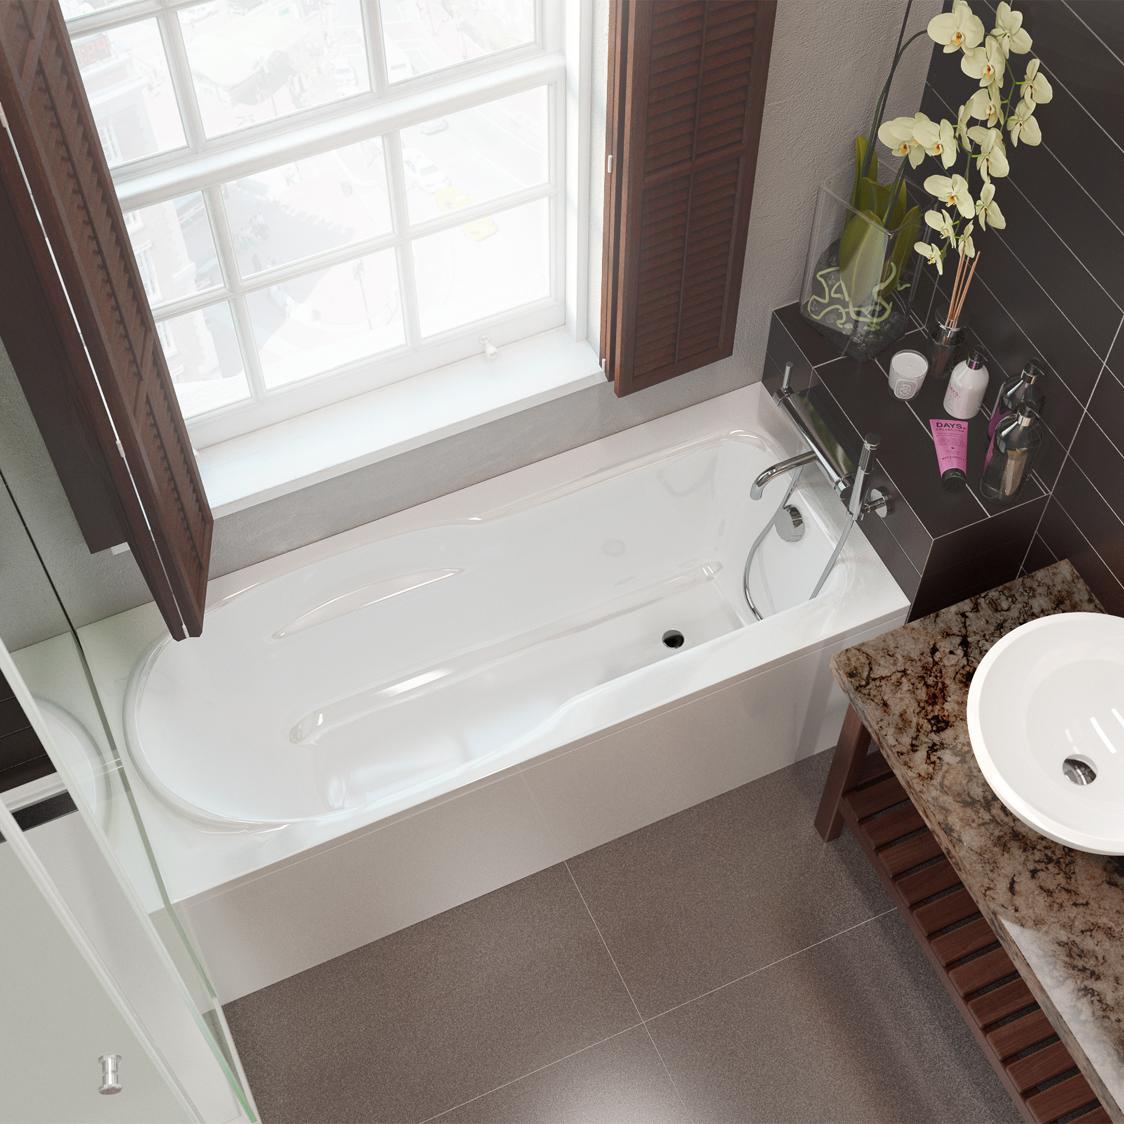 Акриловая ванна Alpen Karmenta 160x70 акриловая ванна alpen karmenta 170x70 комплект